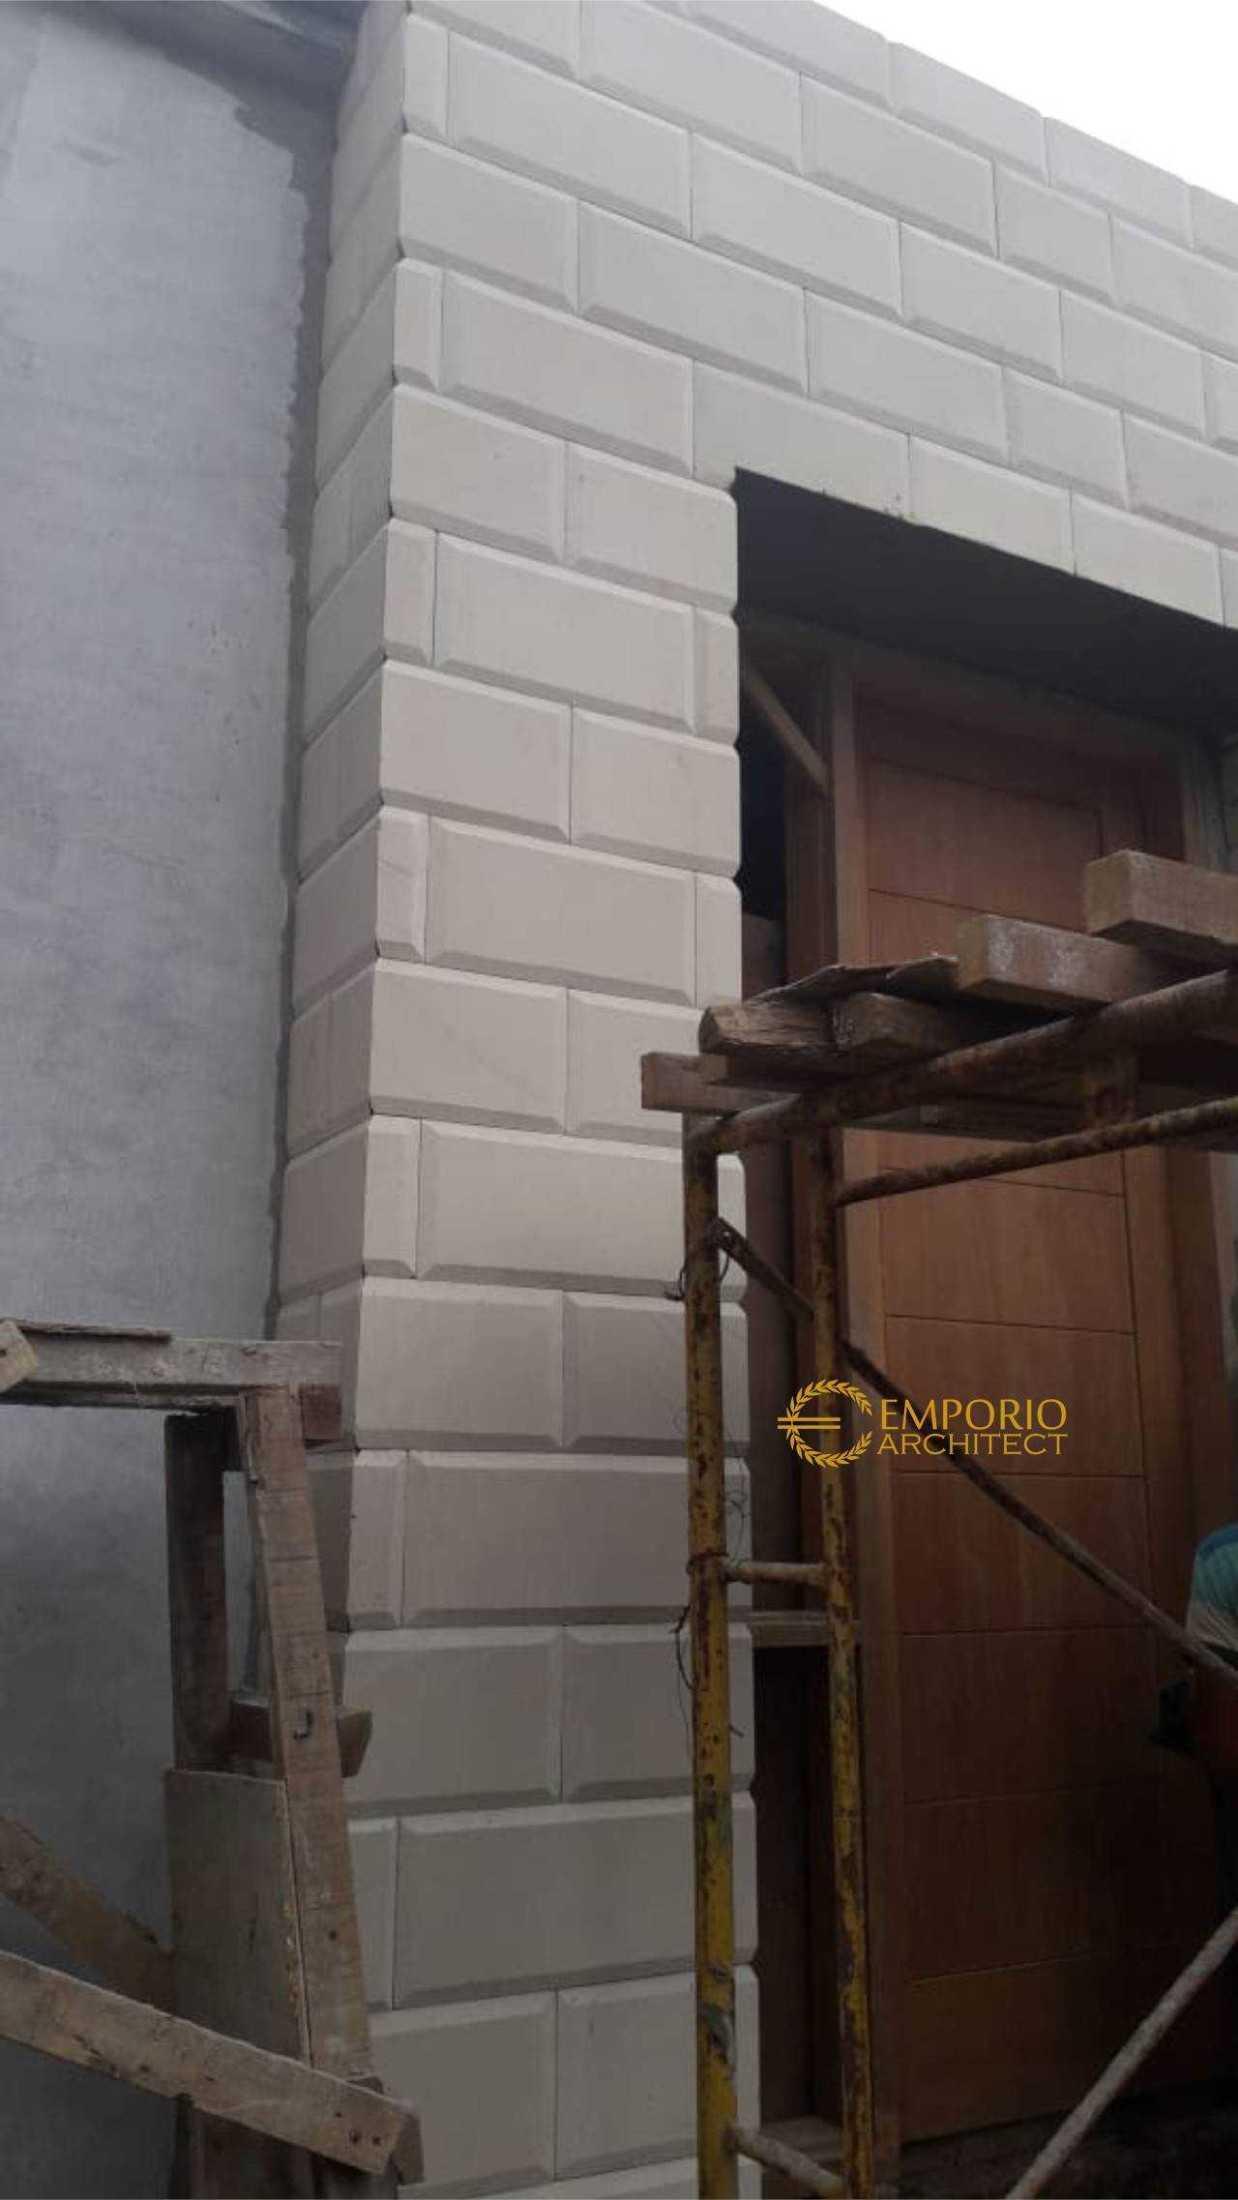 Emporio Architect Jasa Arsitek Bintaro Progress Pembangunan Rumah Modern Tropis 433 @ Bintaro, Jakarta Selatan Bintaro, Kec. Pesanggrahan, Kota Jakarta Selatan, Daerah Khusus Ibukota Jakarta, Indonesia Bintaro, Kec. Pesanggrahan, Kota Jakarta Selatan, Daerah Khusus Ibukota Jakarta, Indonesia Emporio-Architect-Jasa-Arsitek-Bintaro-Progress-Pembangunan-Rumah-Modern-Tropis-433-Bintaro-Jakarta-Selatan  91856